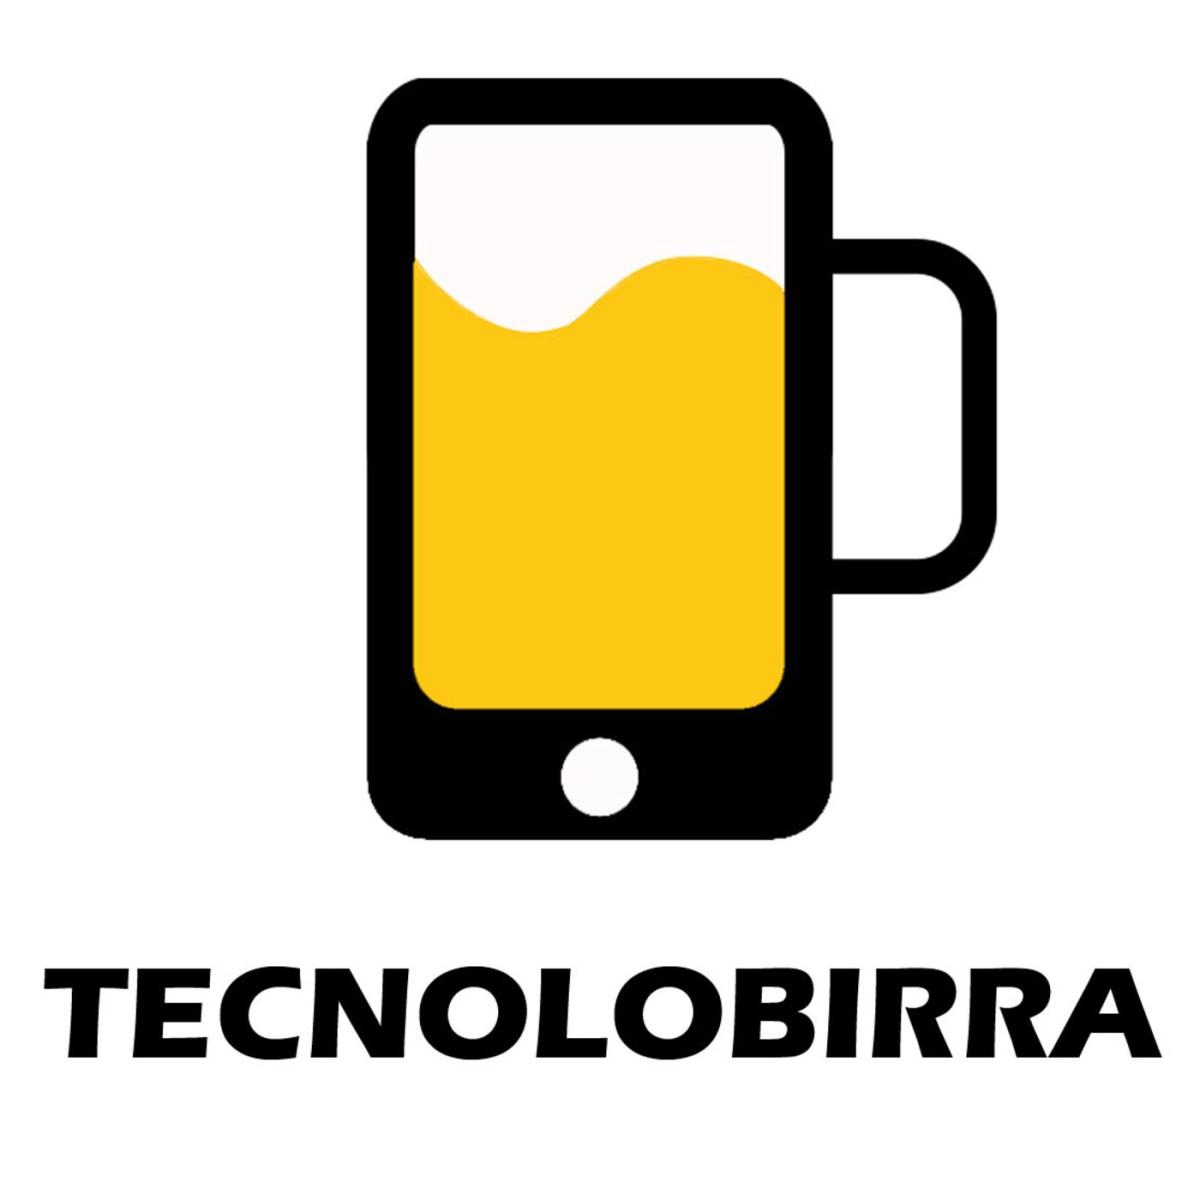 Tecnolobirra